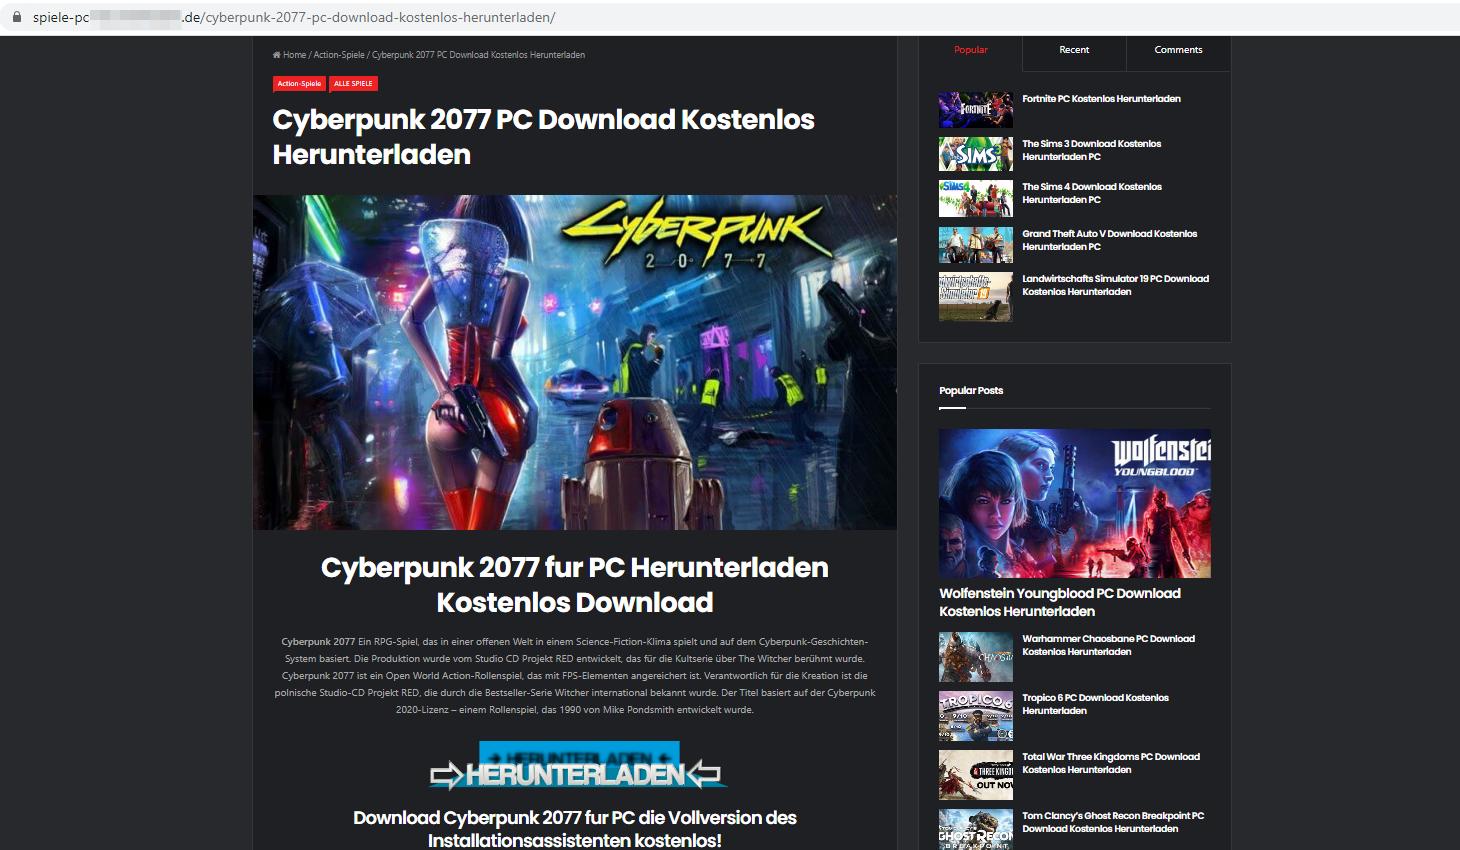 Sitio web en alemán, con un botón de descarga gigante (Herunterladen)